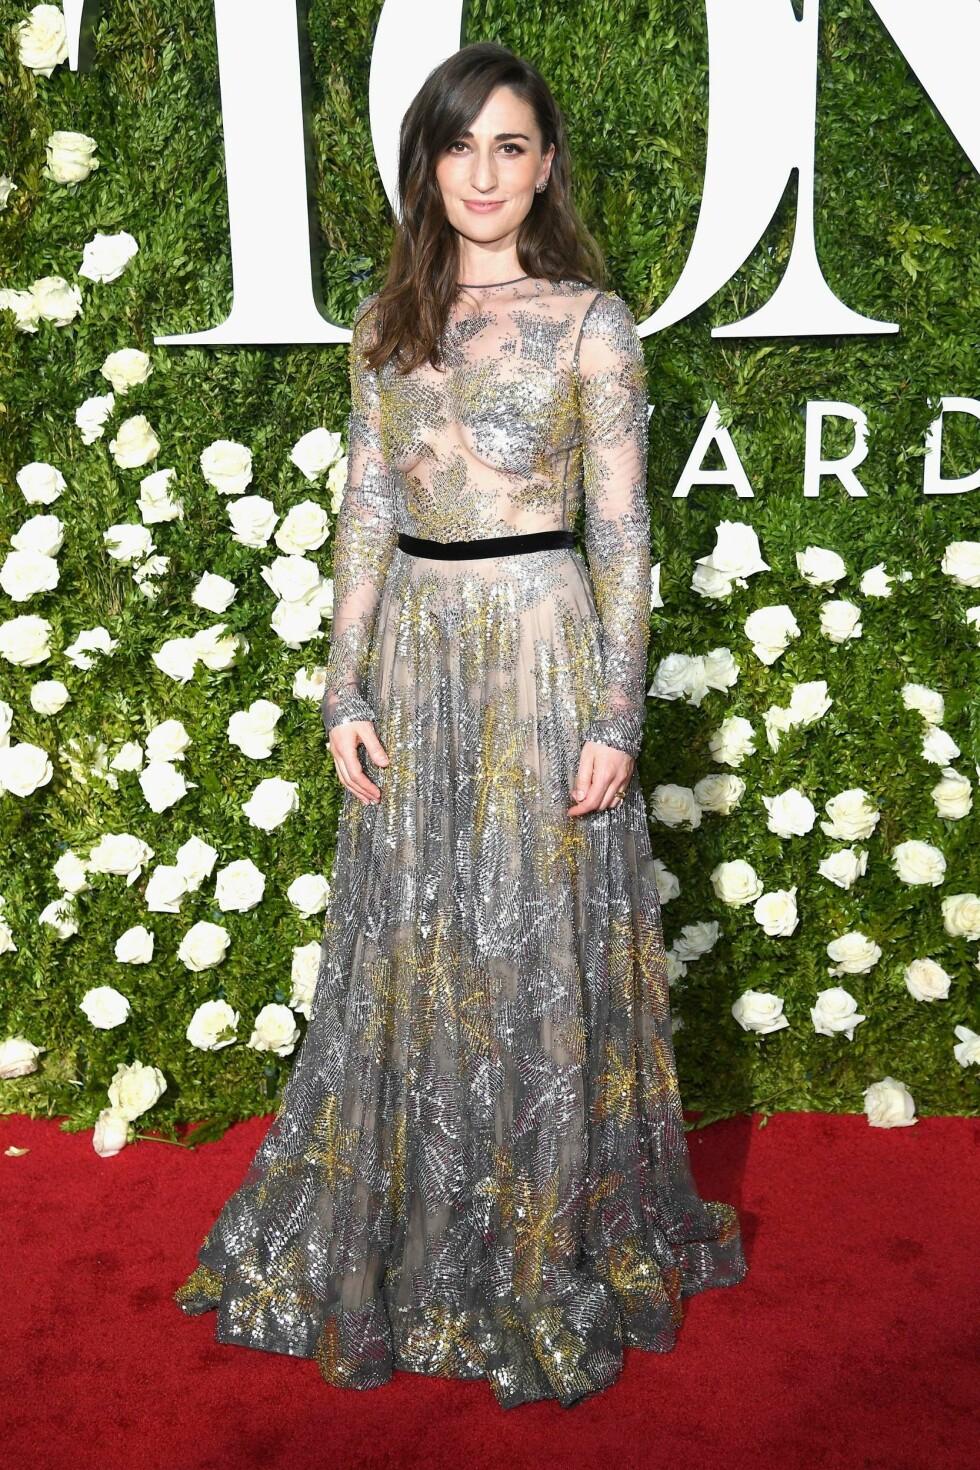 TONY AWARDS: Artist Sara Bareilles i en gjennomsiktig kjole med strass. Foto: NTB Scanpix